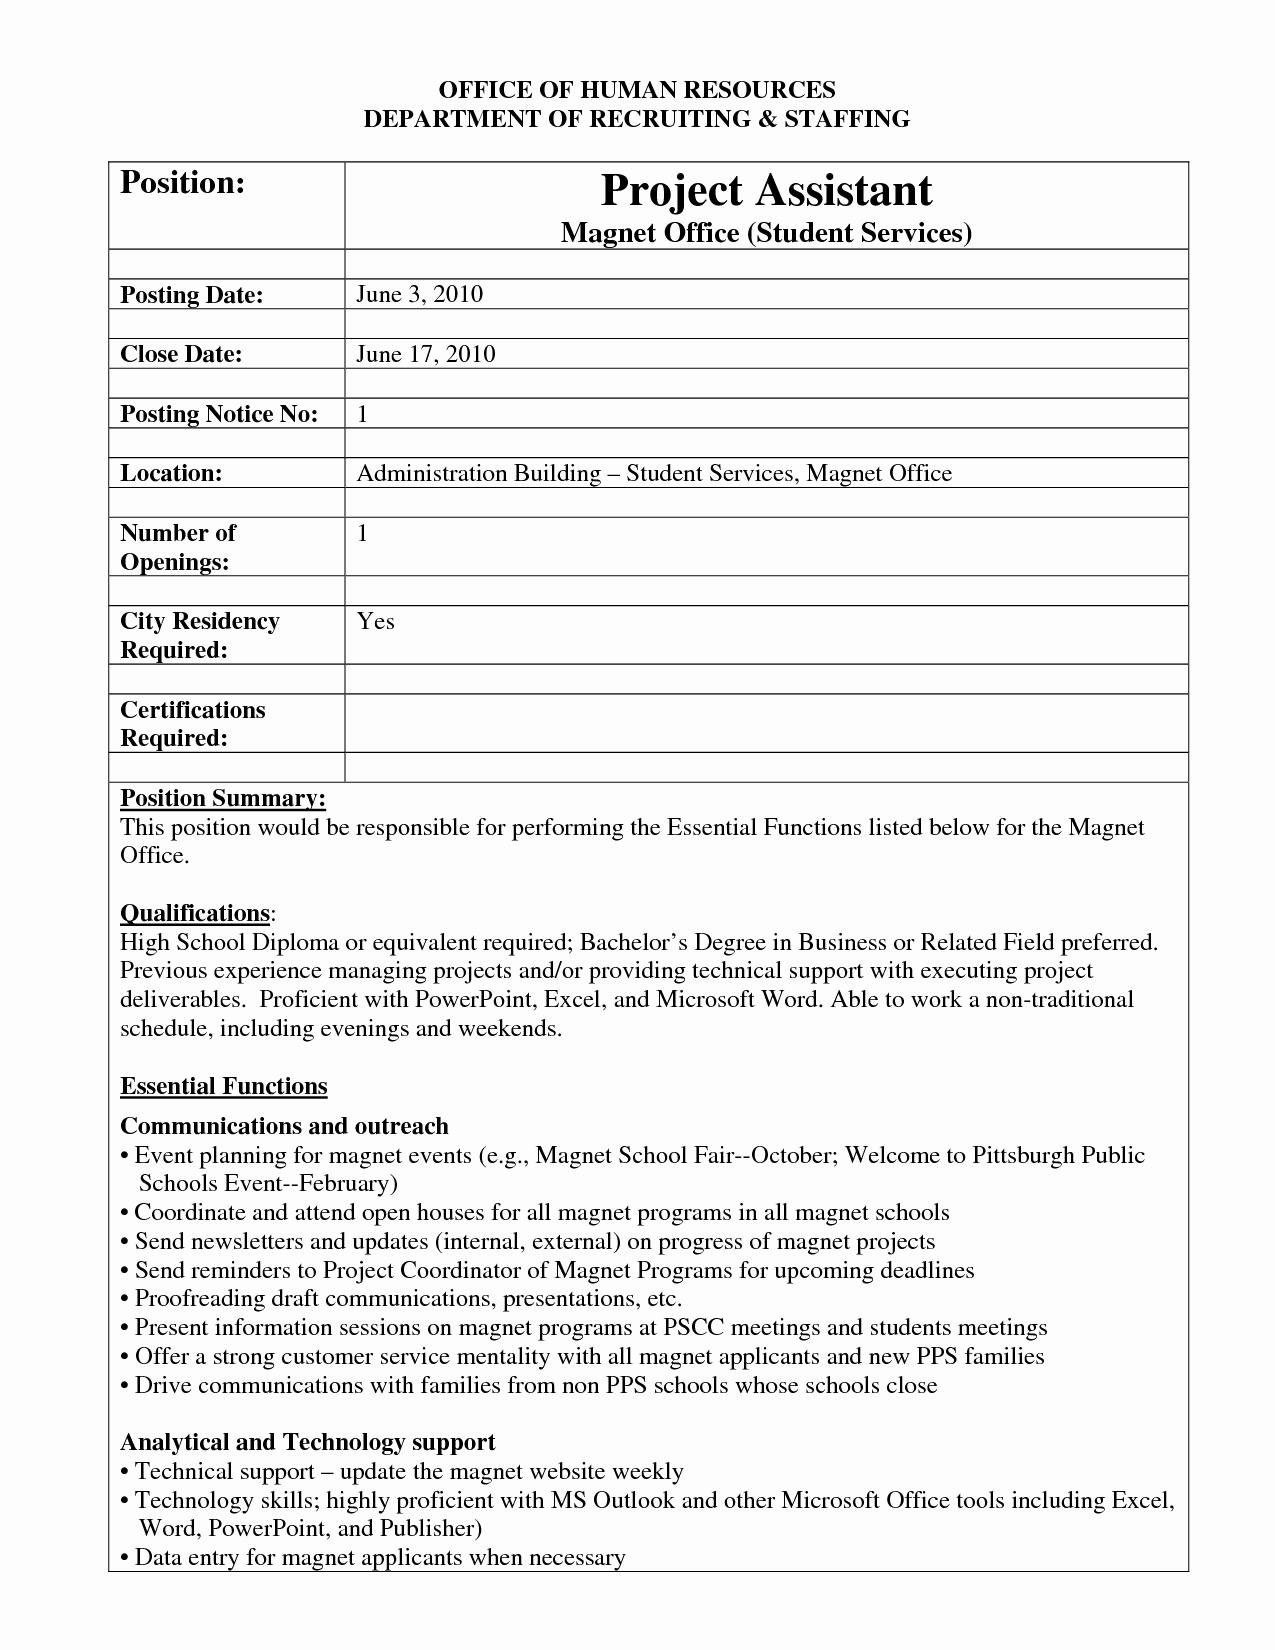 Job Posting Examples Elegant Best S Of Internal Job Posting Template Word Resume